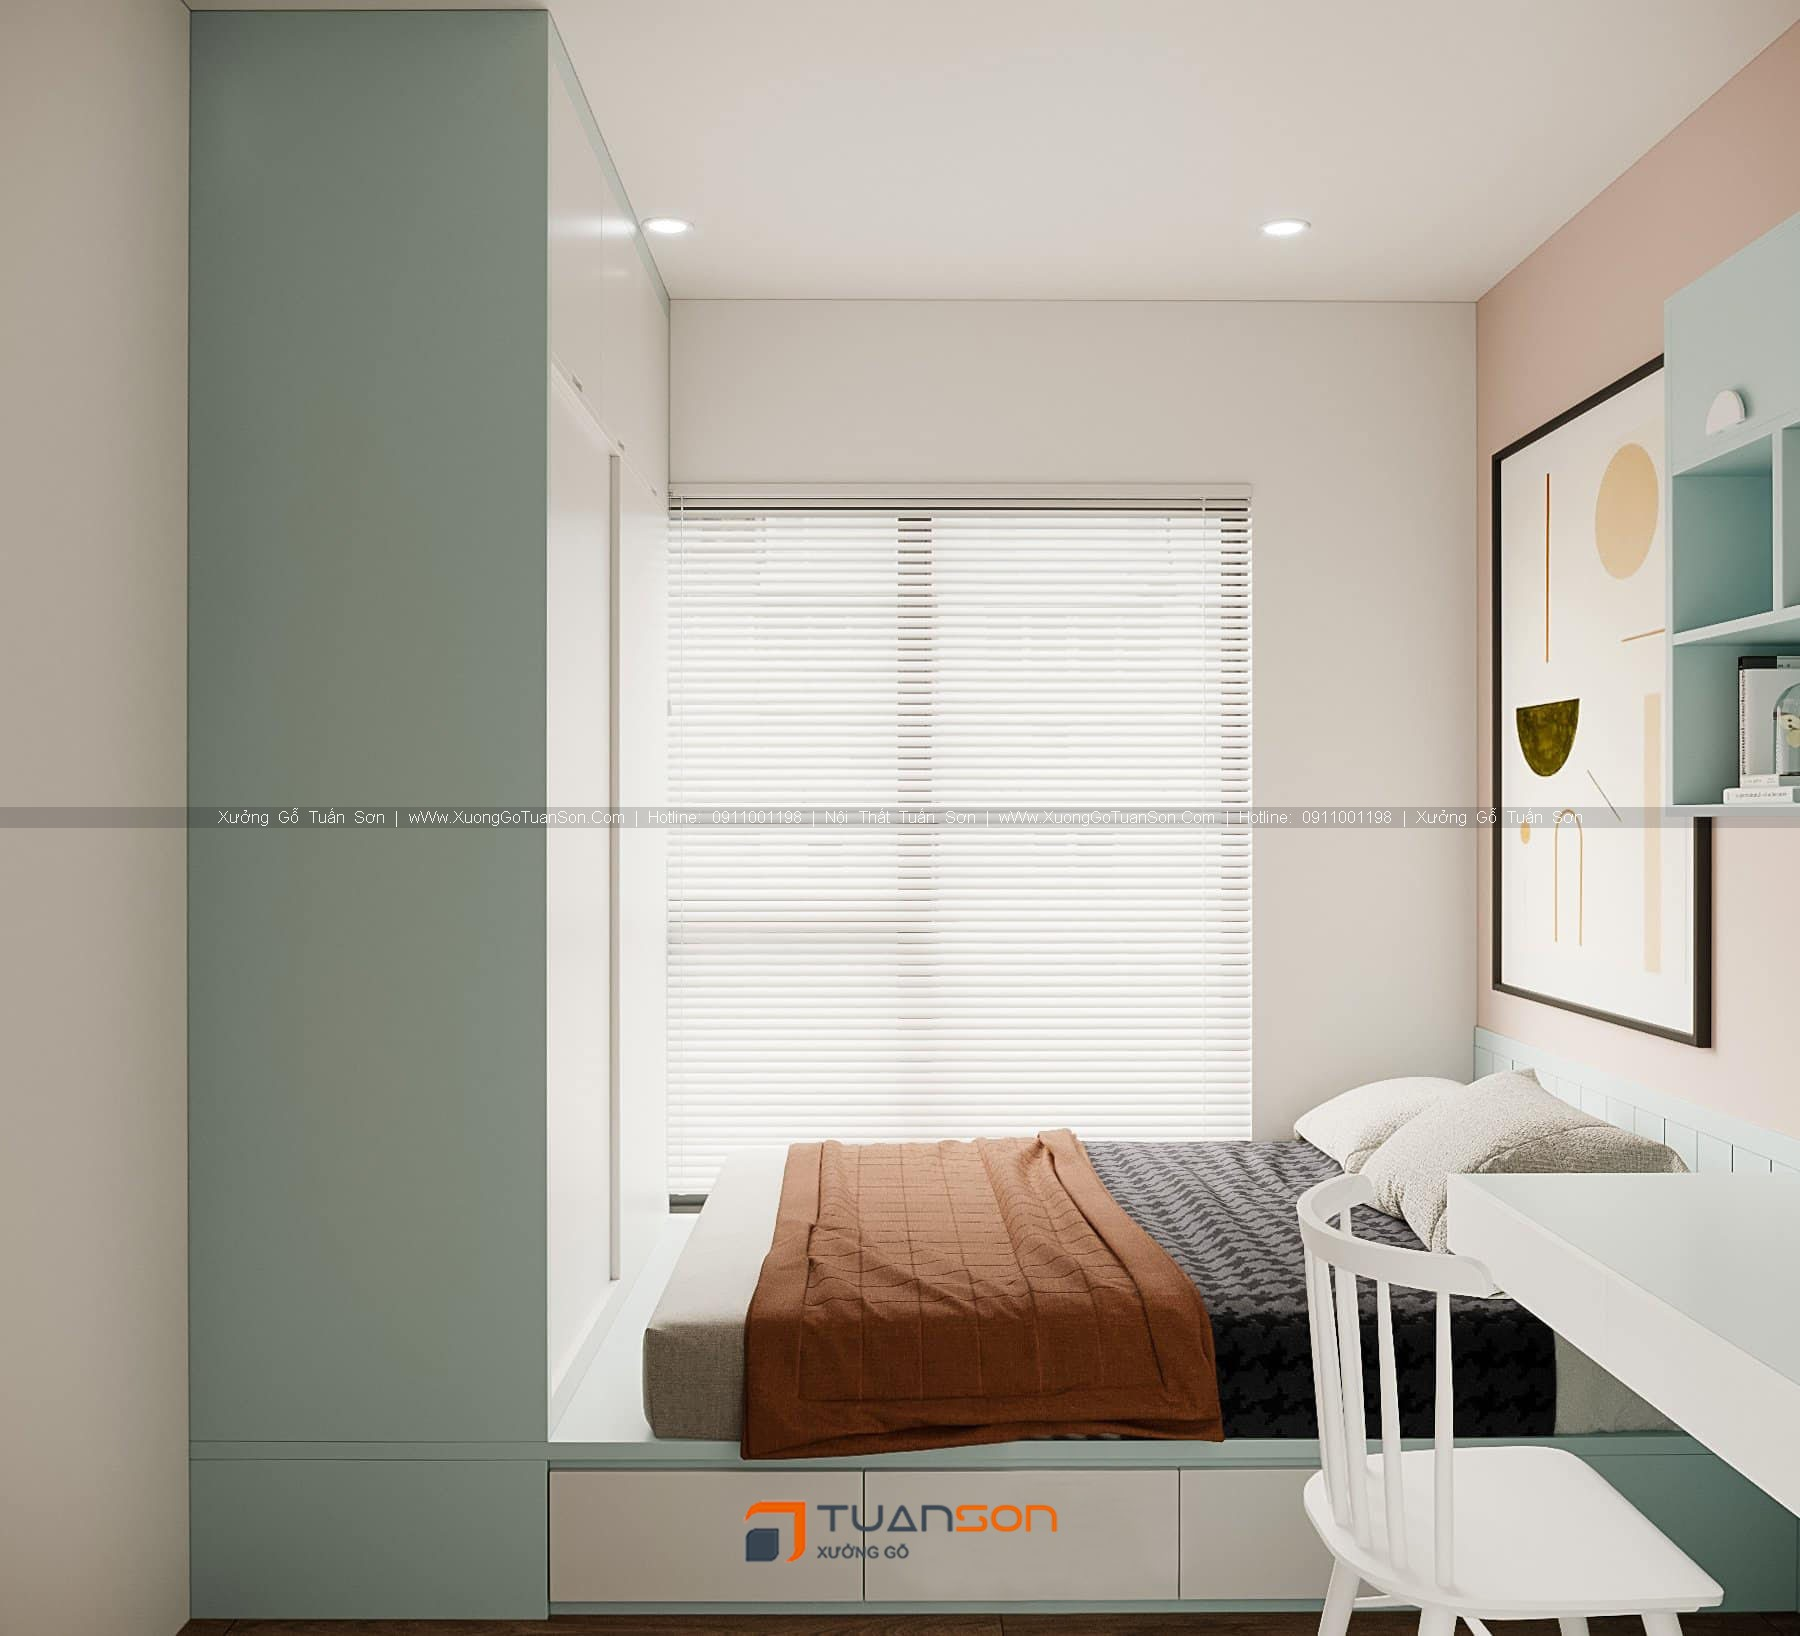 Thiết kế nội thất căn số 2 (3 phòng ngủ) Phương Đông Green Park